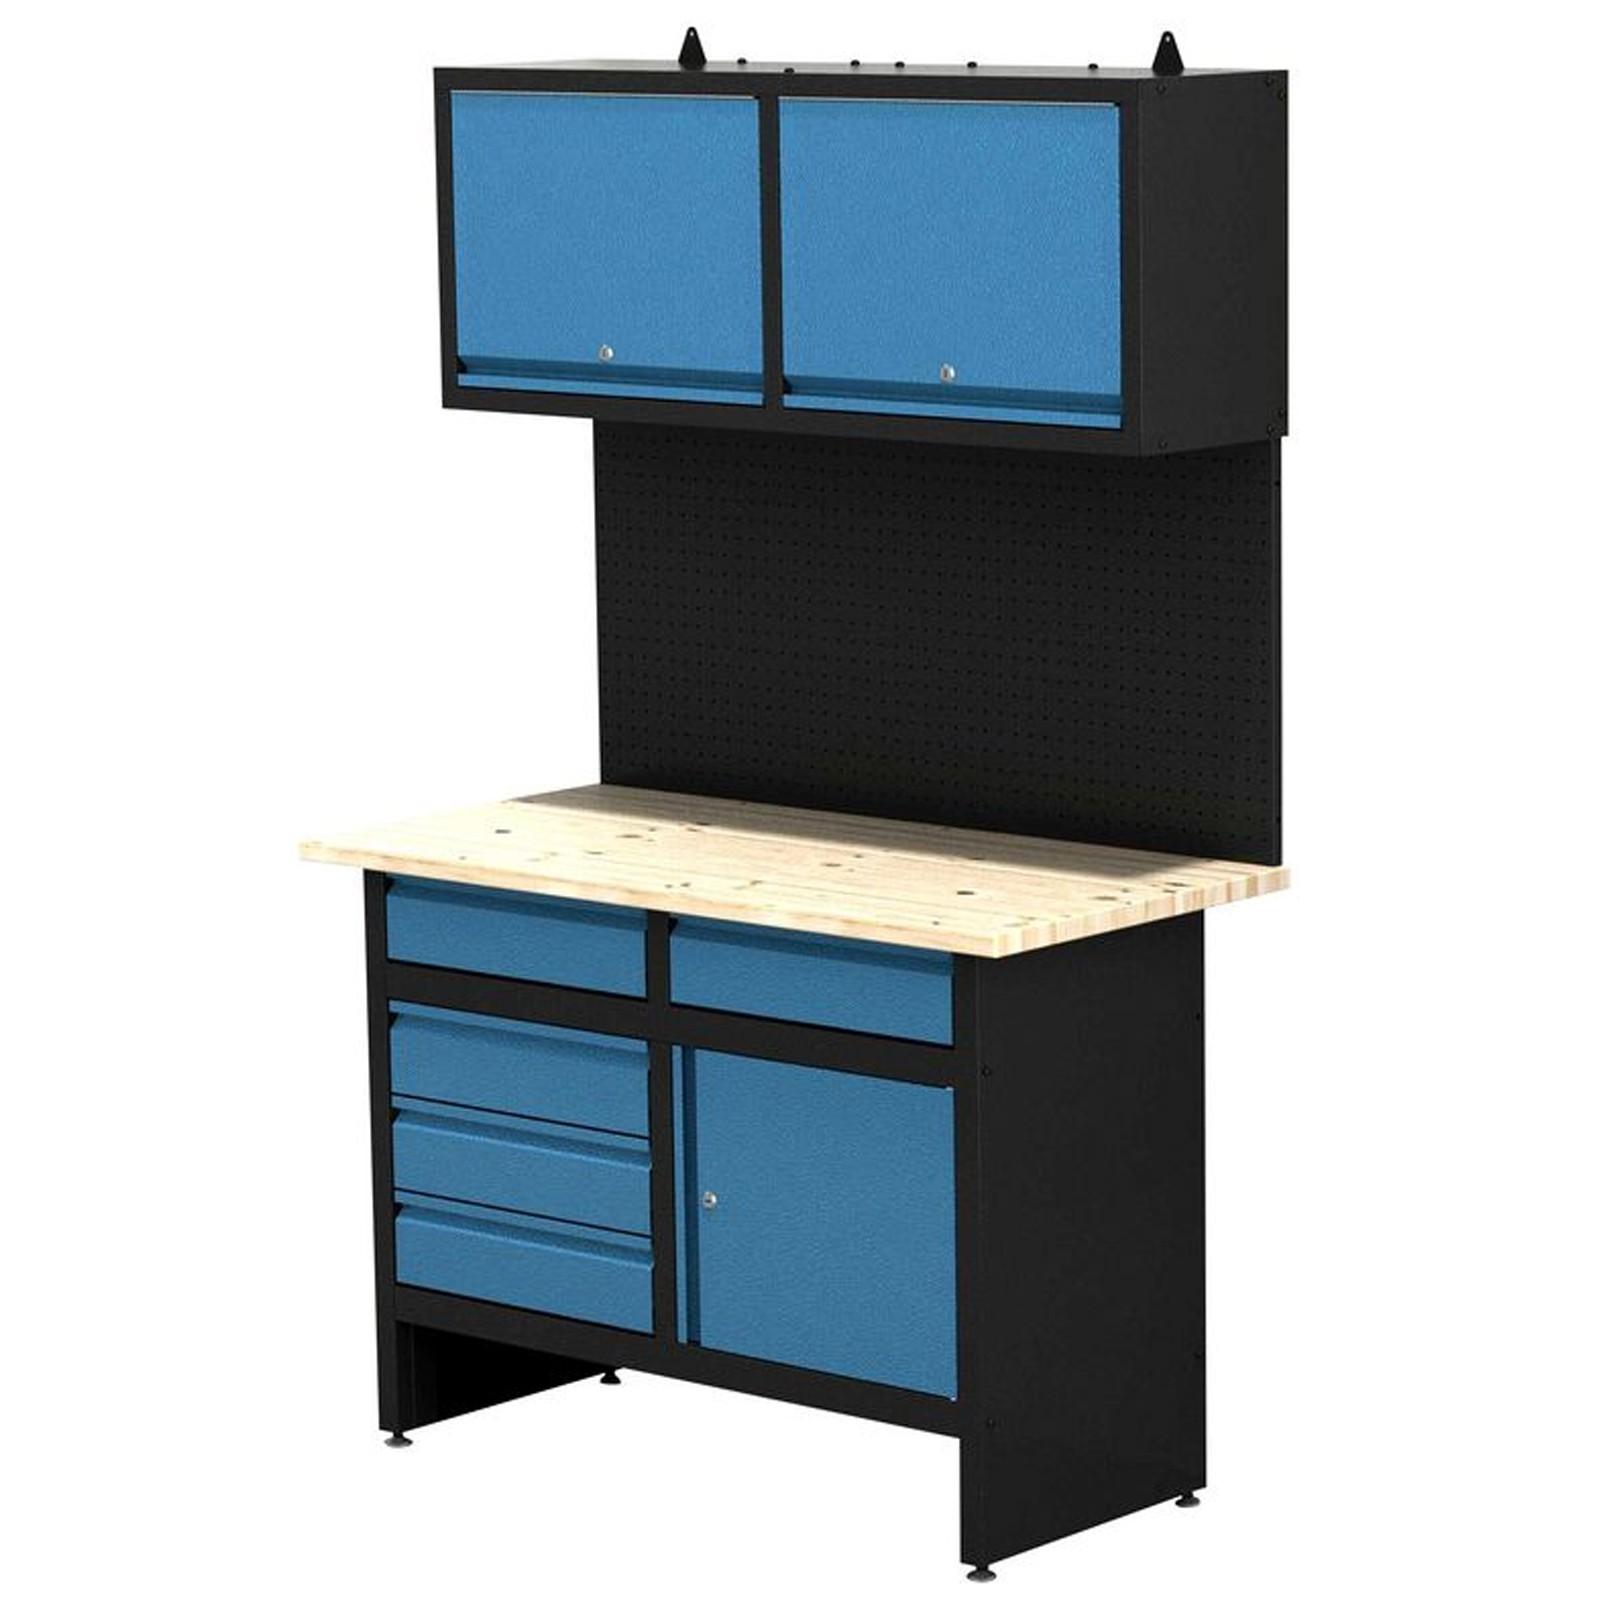 g de lochwand werkzeugwand lochblech 120 x 55 cm werkstattwand werkzeughalter. Black Bedroom Furniture Sets. Home Design Ideas